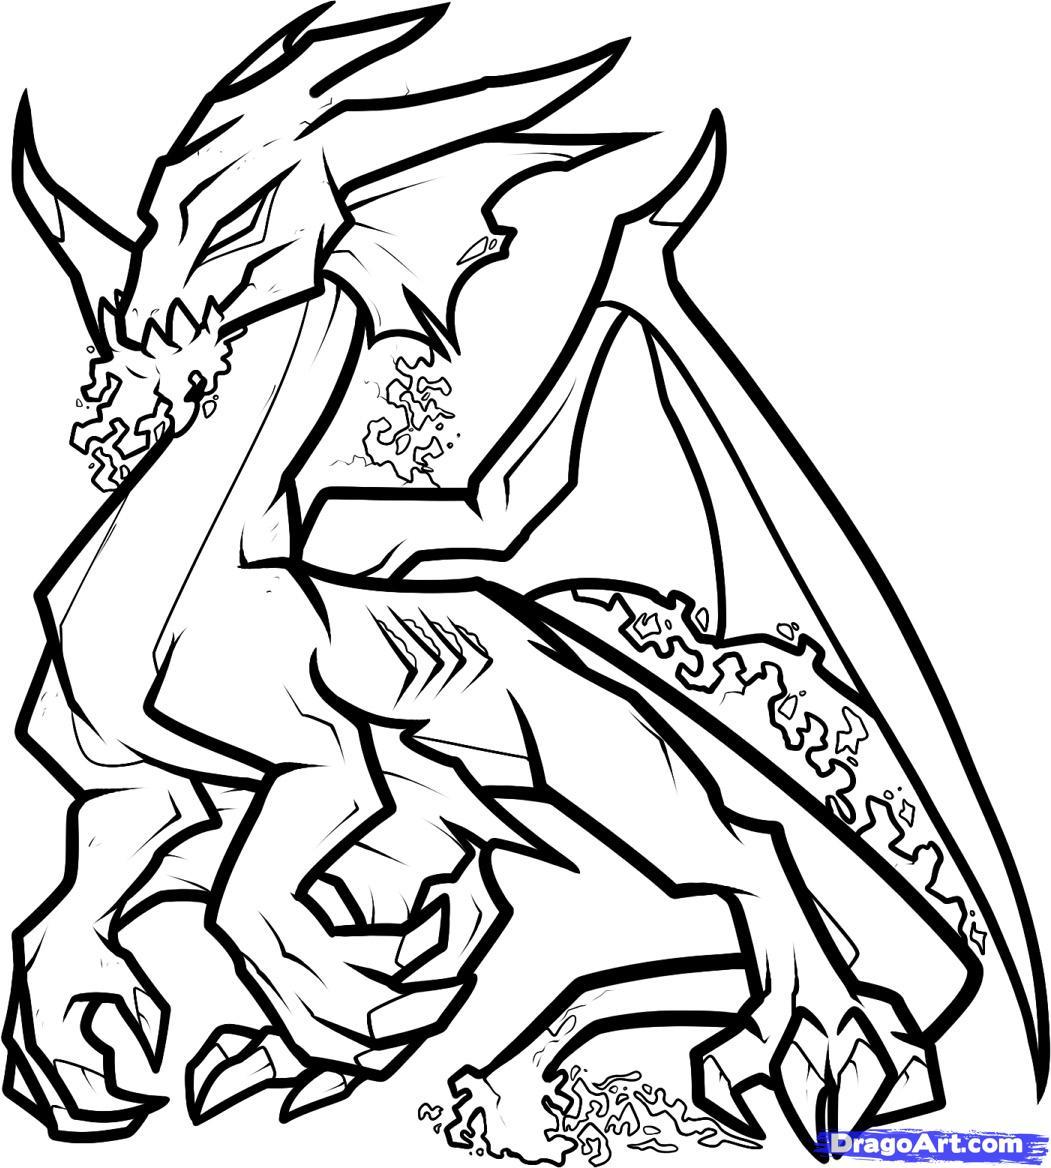 1051x1168 Odd Dragon Colouring Pictures Realistic Colori